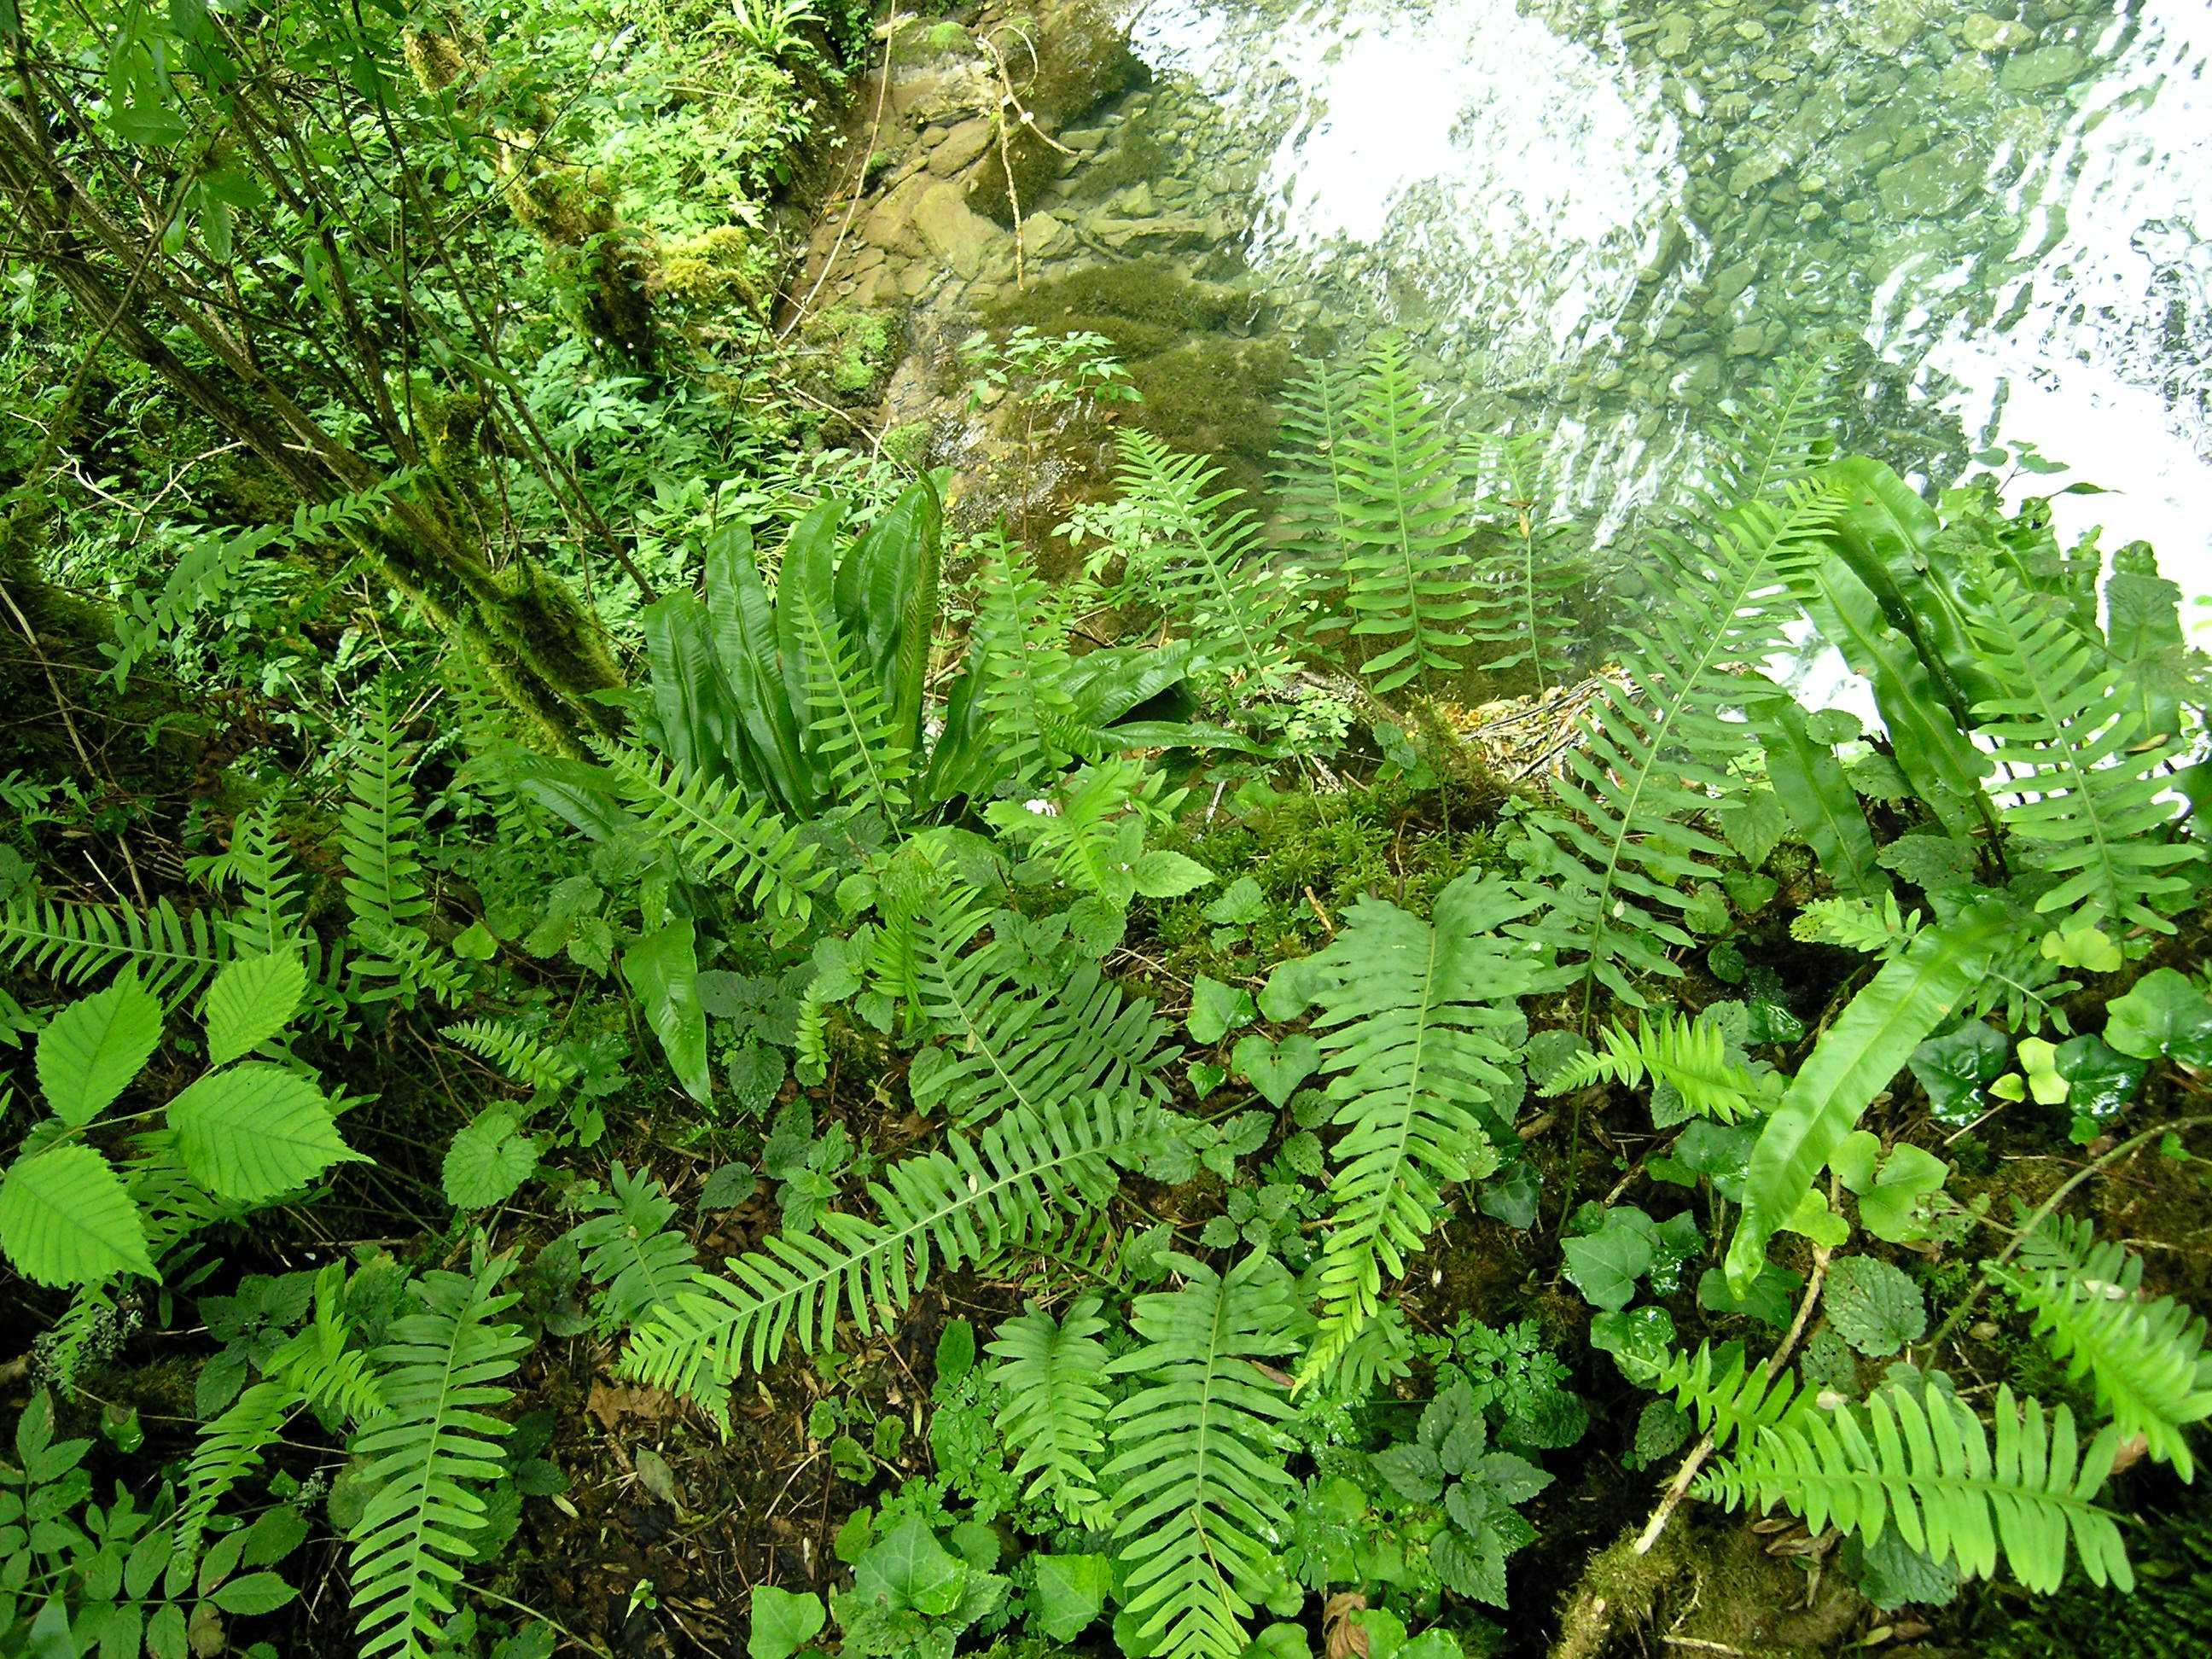 Asplenium scolopendrium et Polypodium vulgare